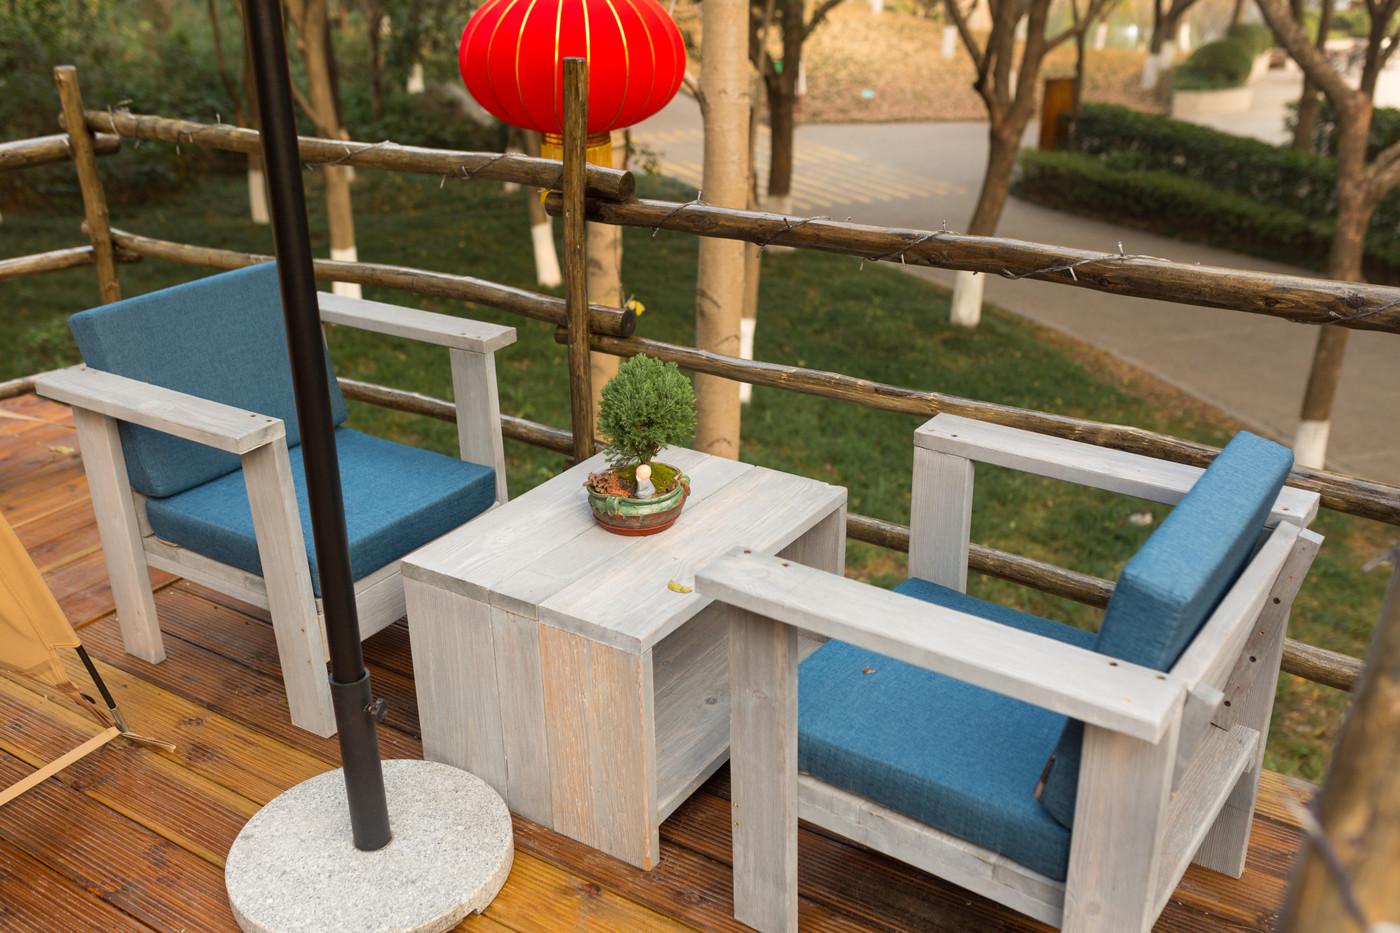 喜马拉雅野奢帐篷酒店—江苏常州天目湖树屋33